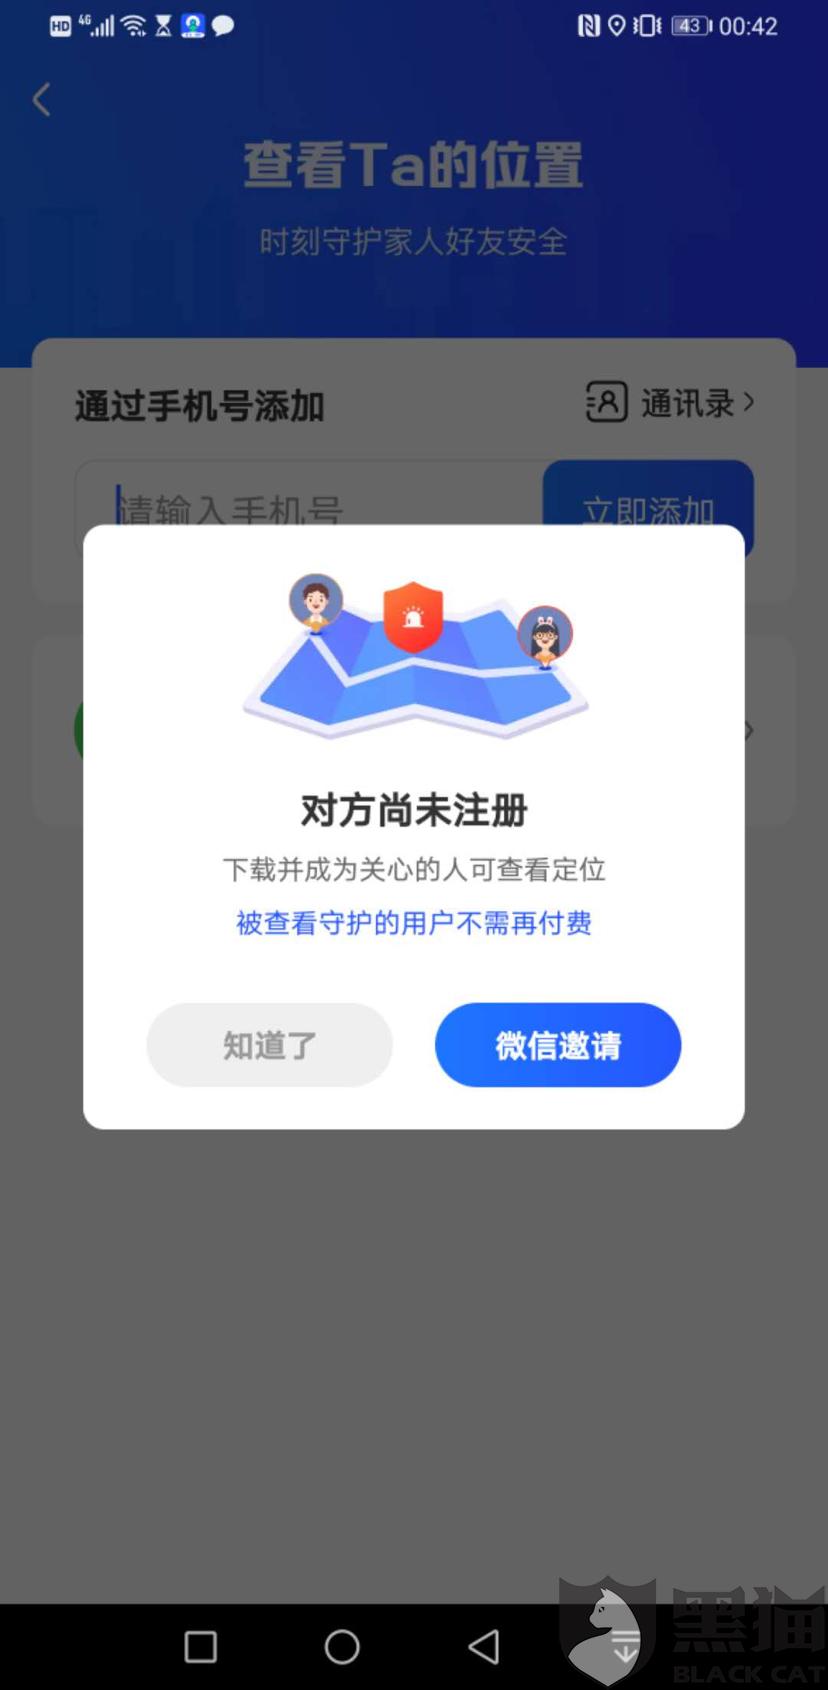 黑猫投诉:南京数字跳动网络技术有限公司虚假广告